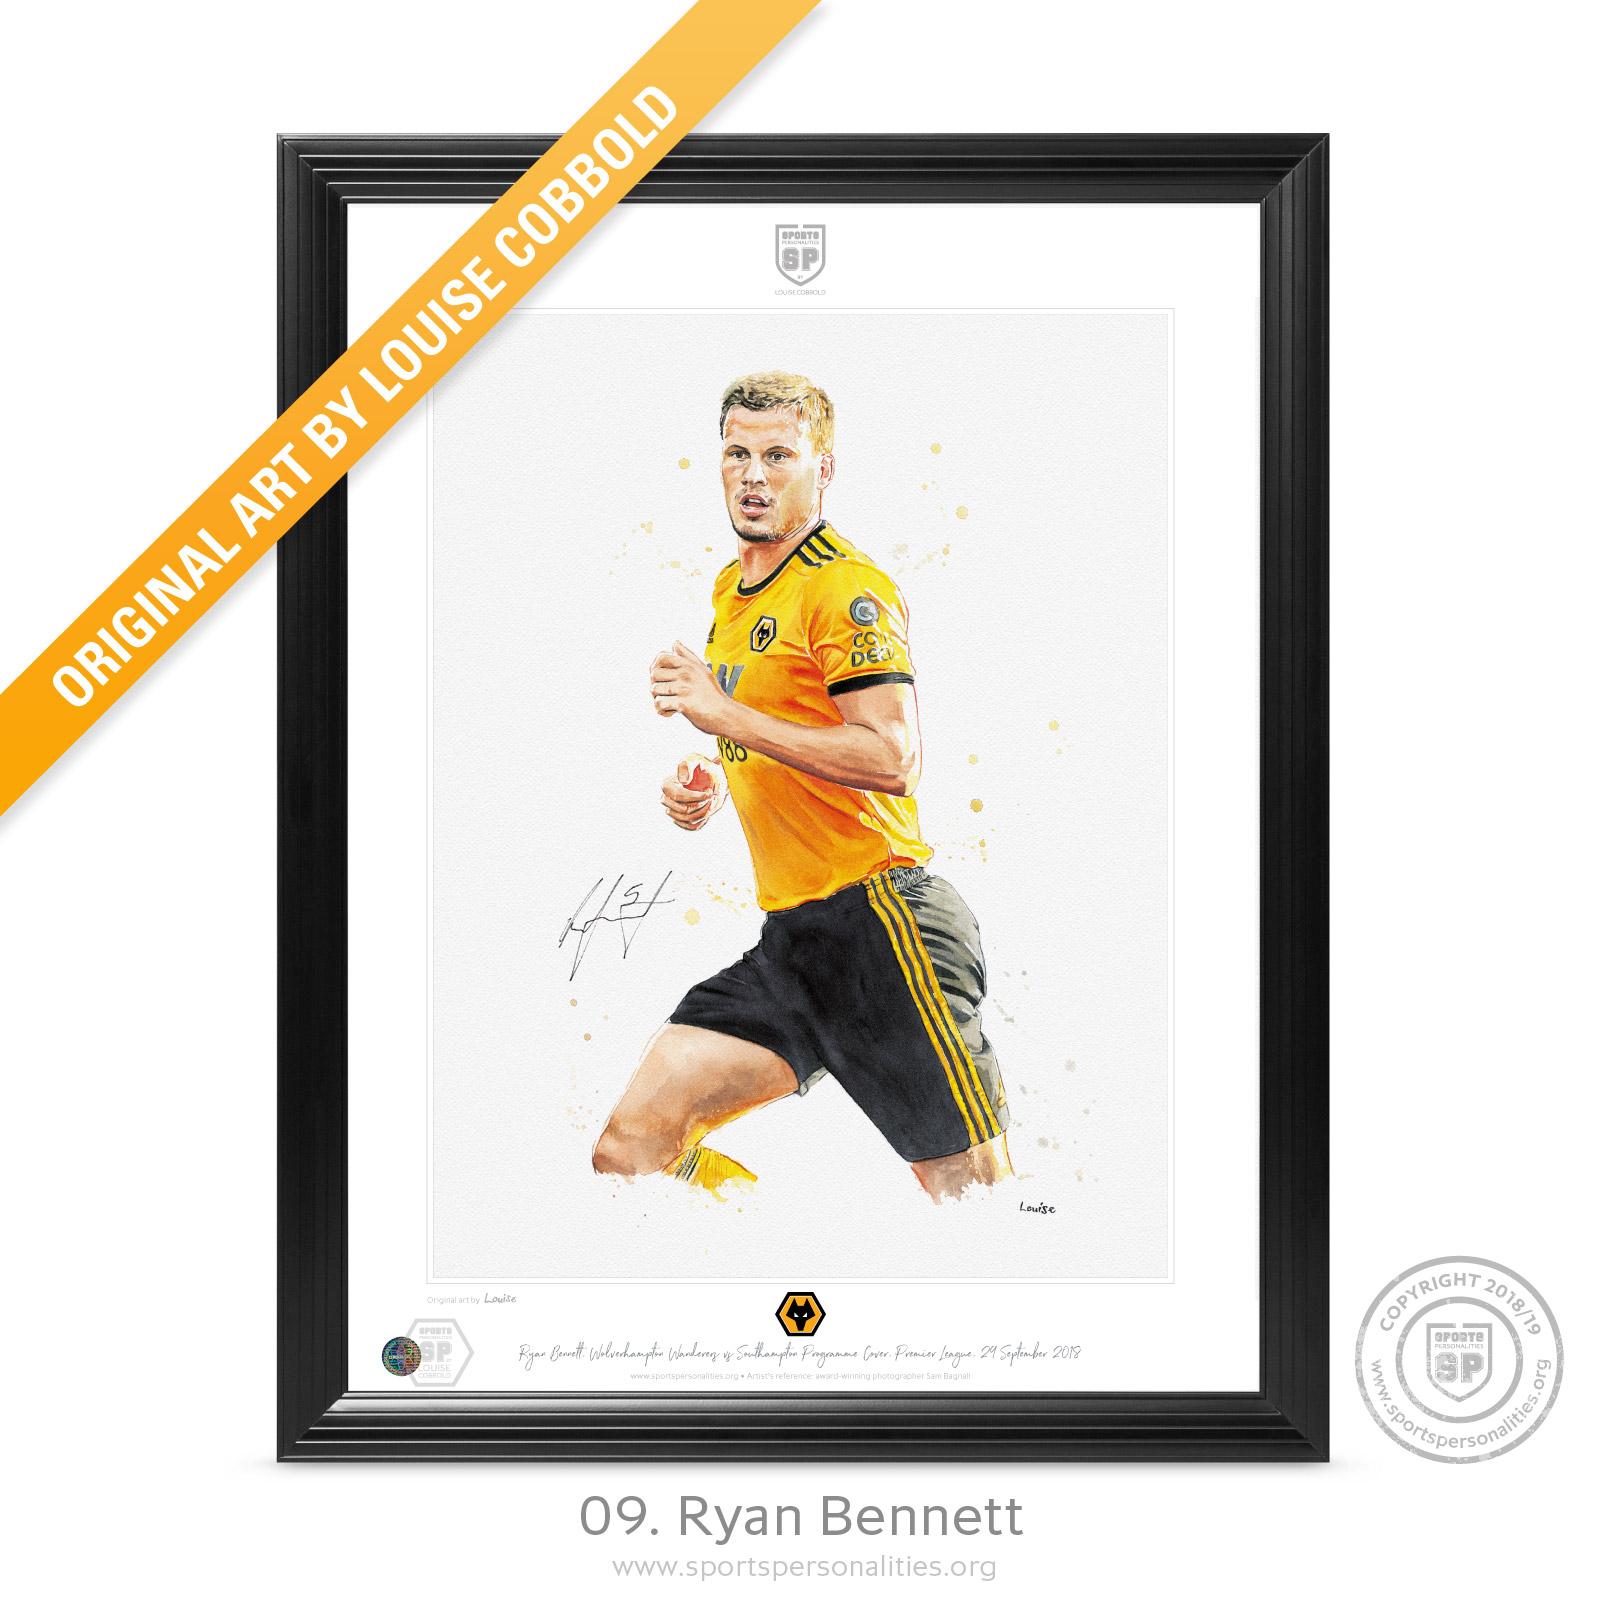 2018_19-SP_Auction_09._Ryan_Bennett.jpg